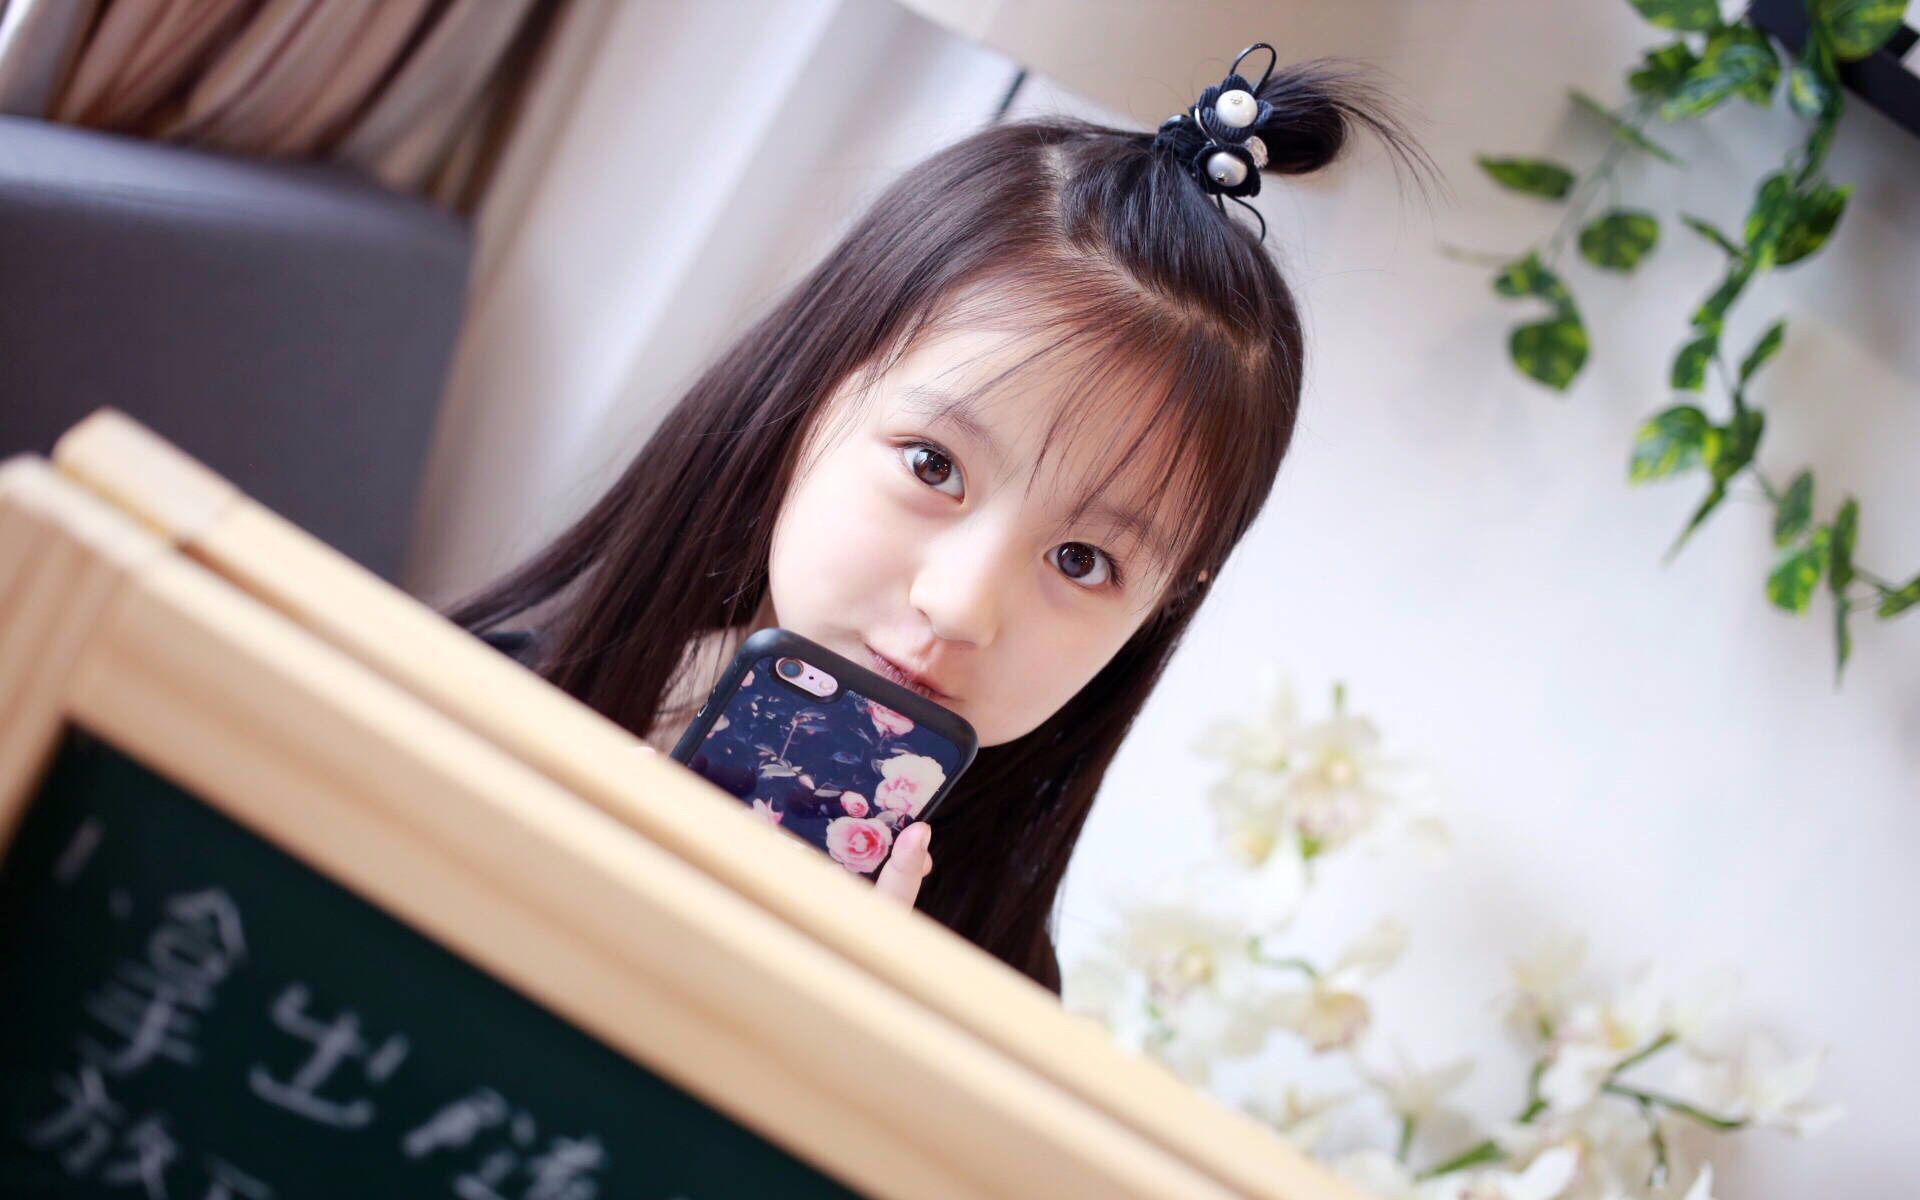 最美女孩裴佳欣的全部相關視頻_bilibili_嗶哩嗶哩彈幕視頻網